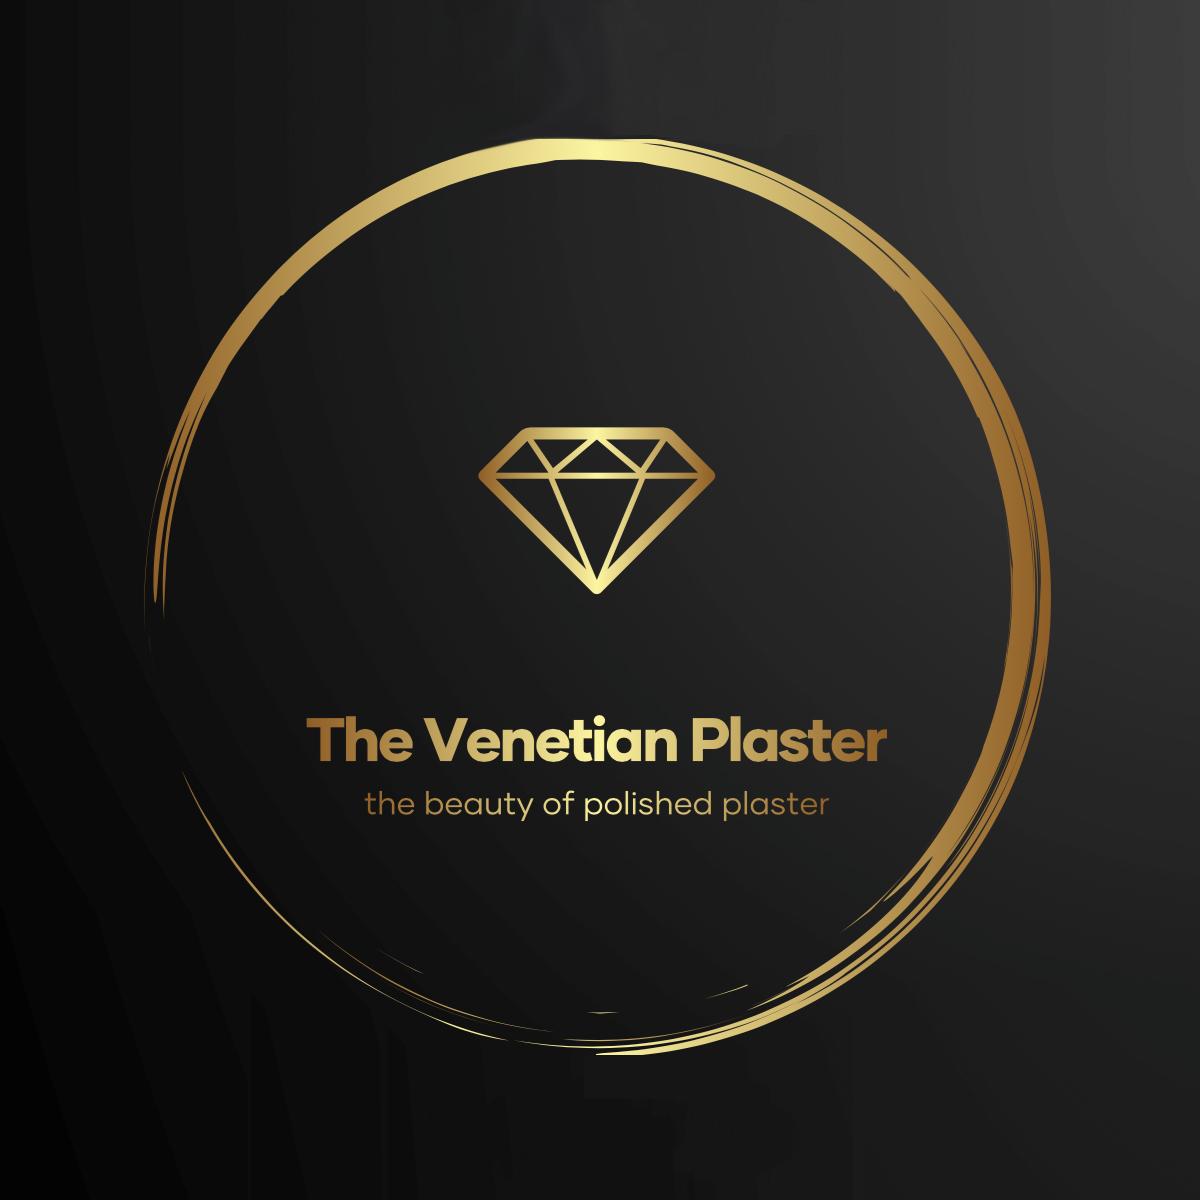 The Venetian Plaster logo